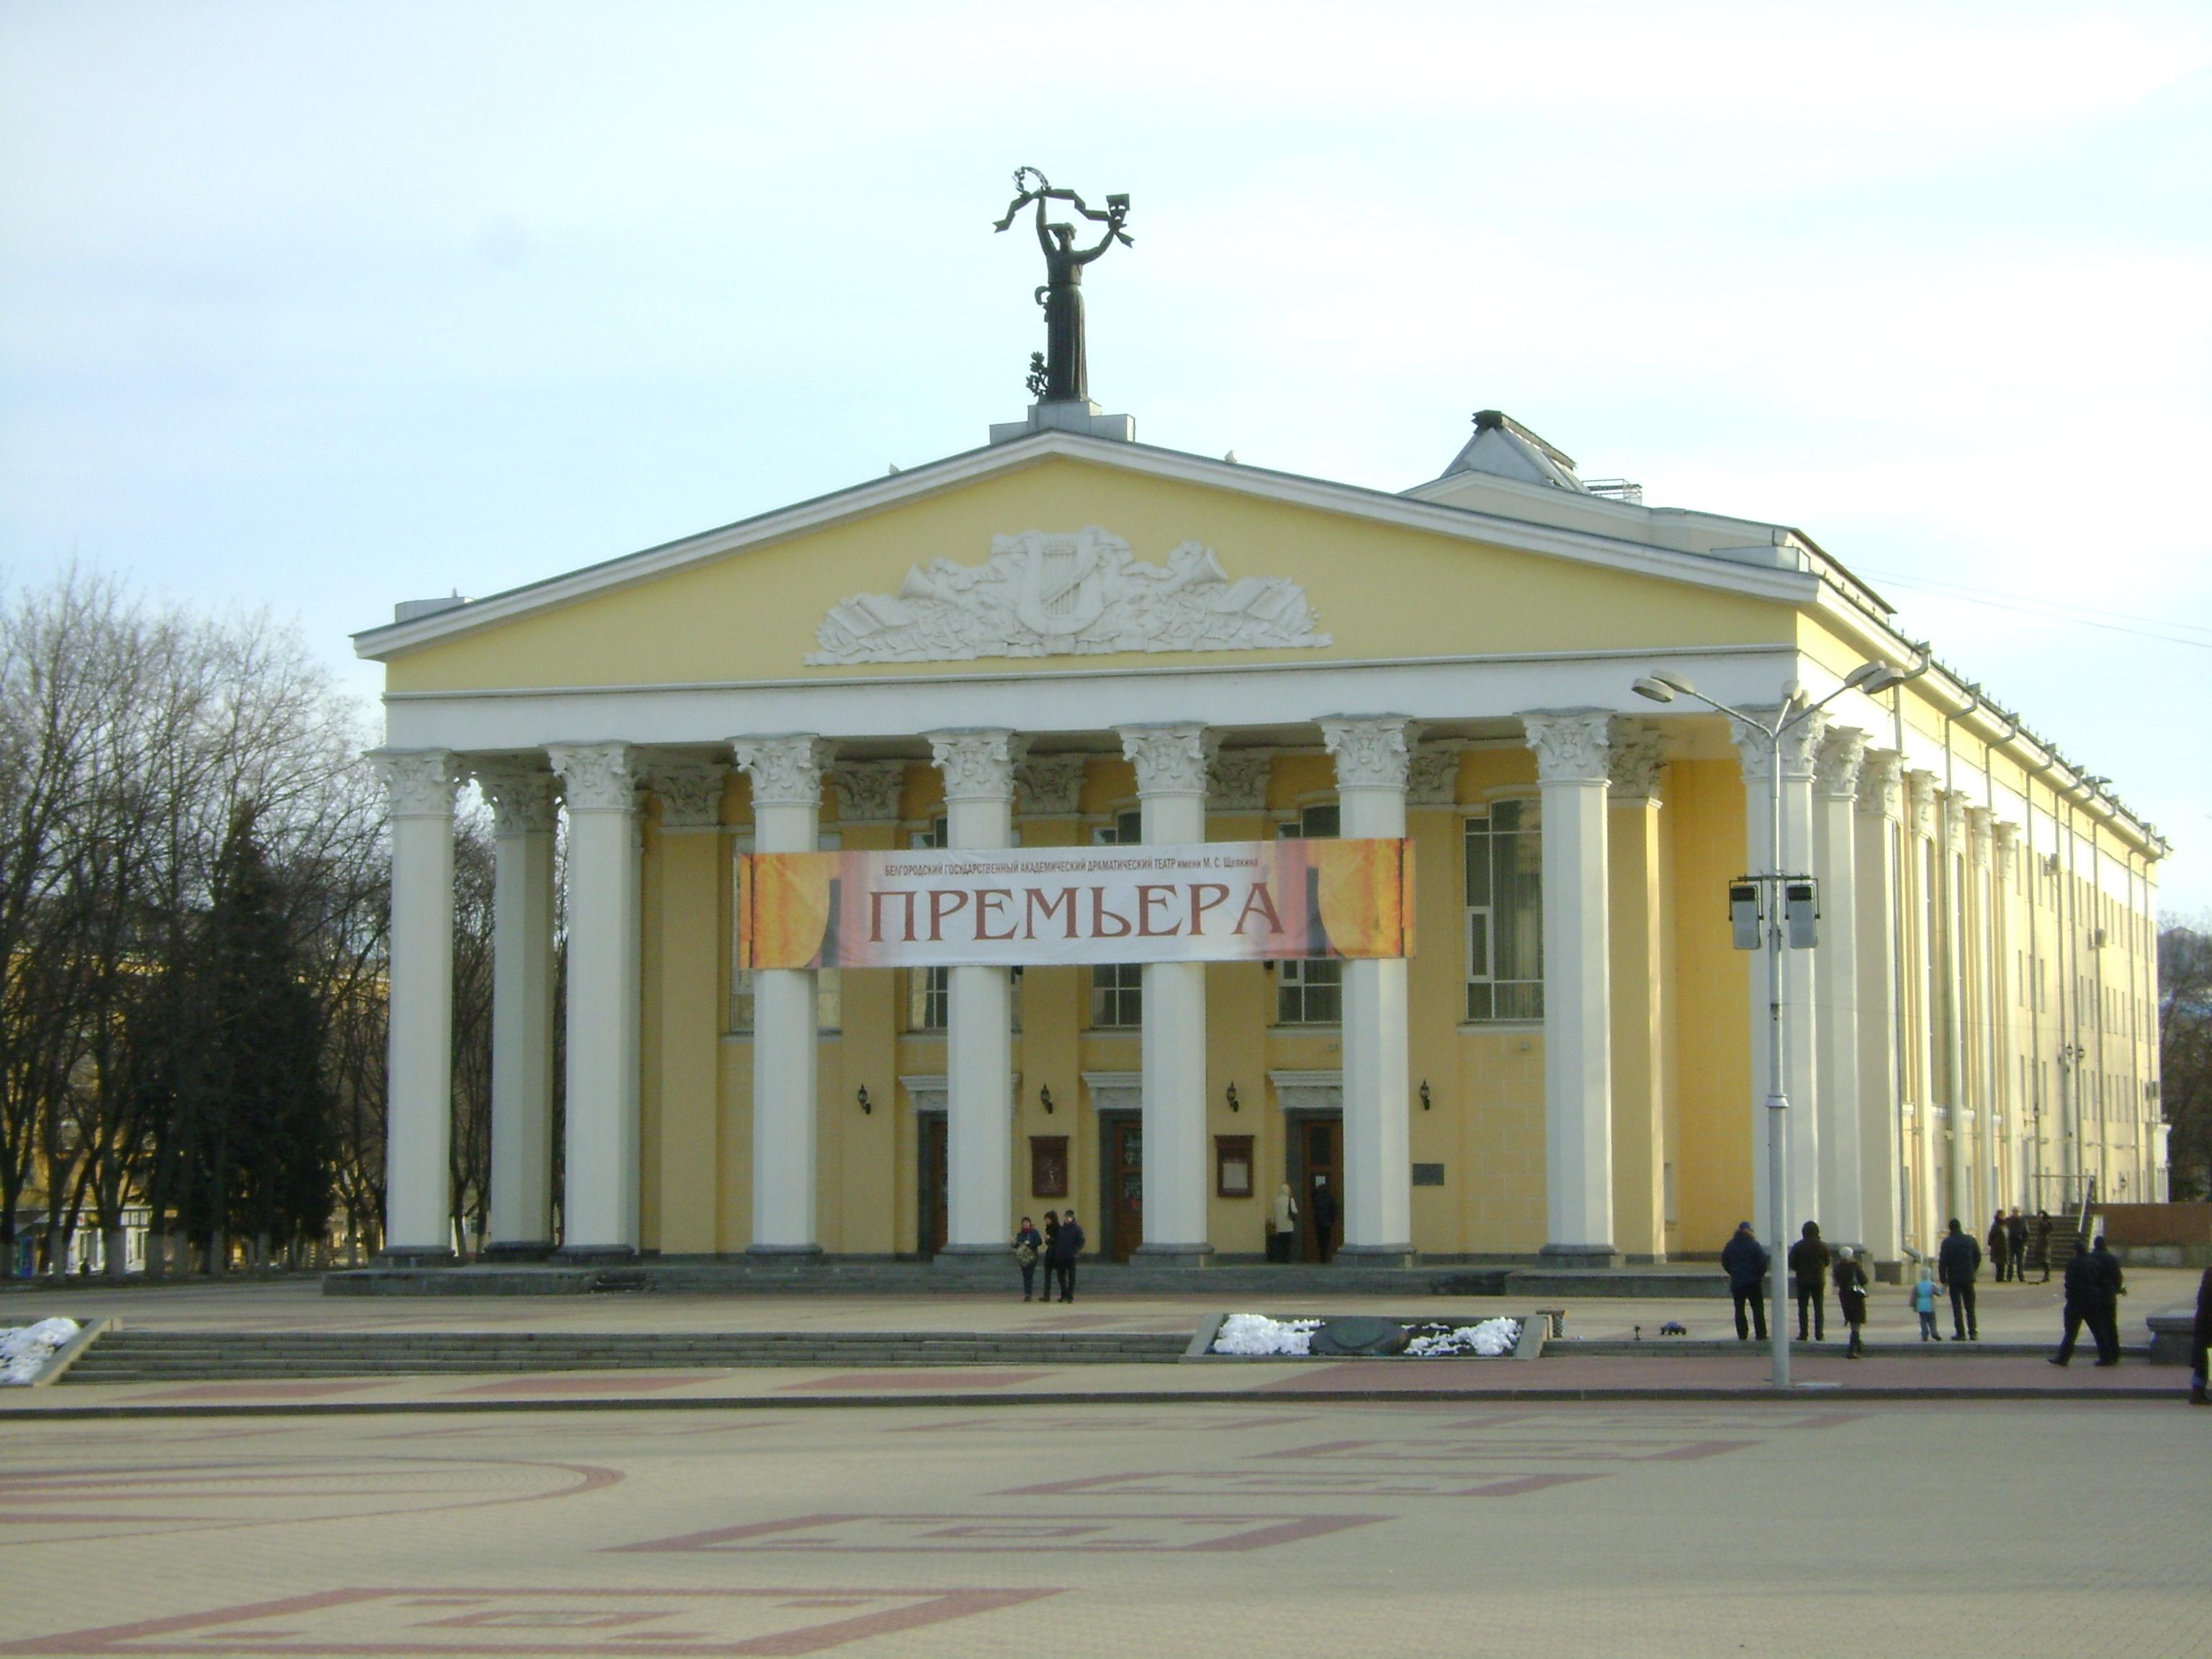 Белгородский драматический театр афиша музей оптических иллюзий арбат цена билета